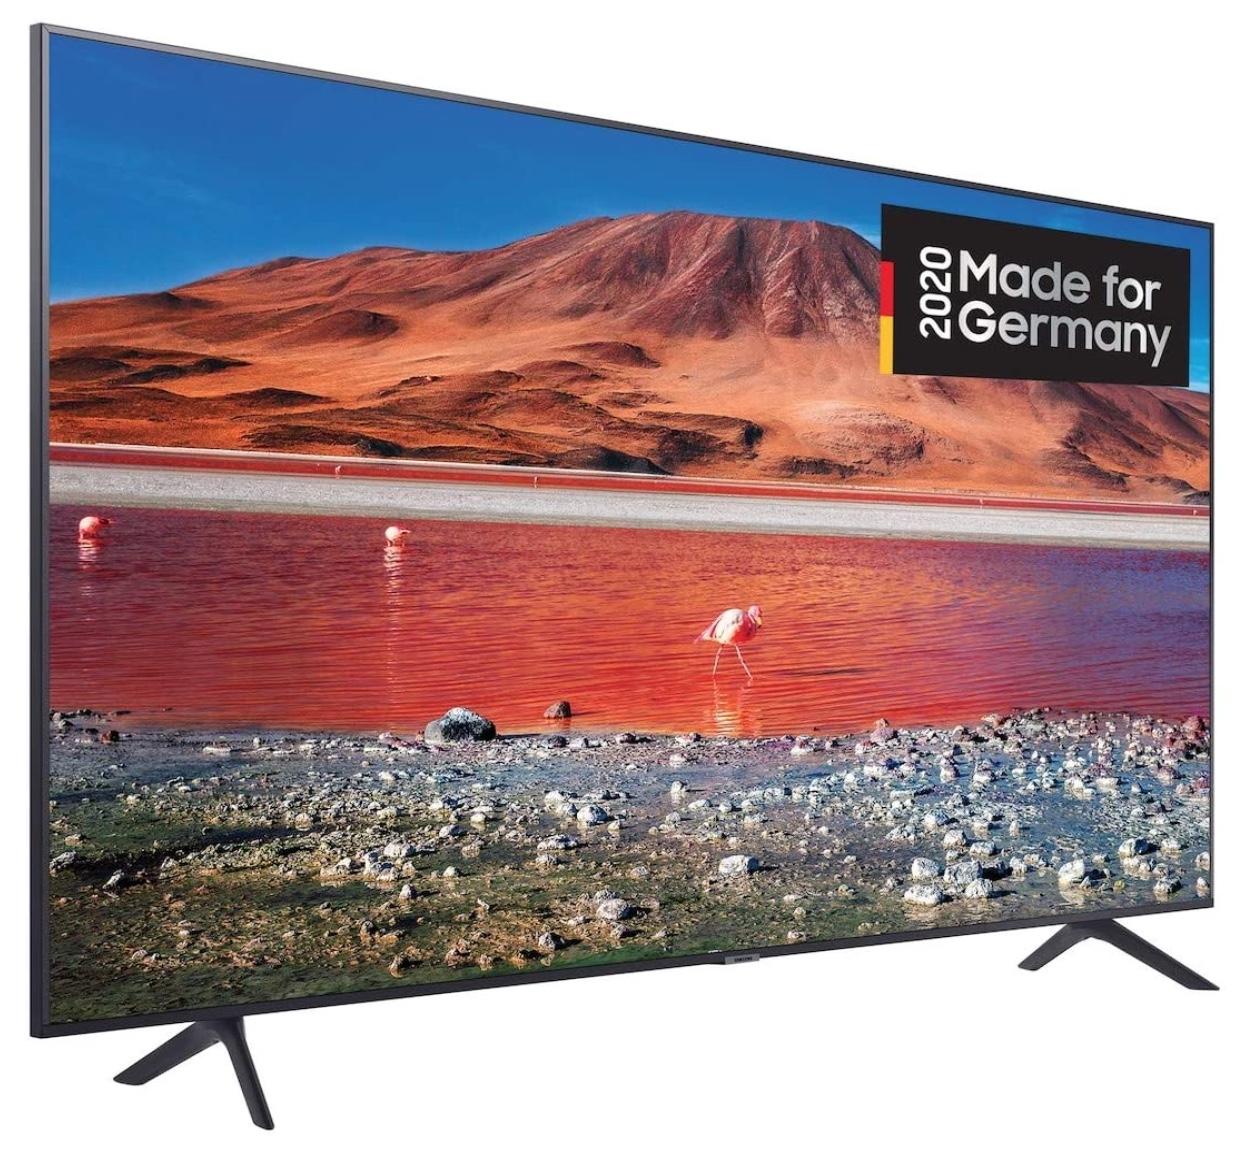 Samsung TU7199 75 Zoll 4K Fernseher für nur 899,- Euro inkl. Versand